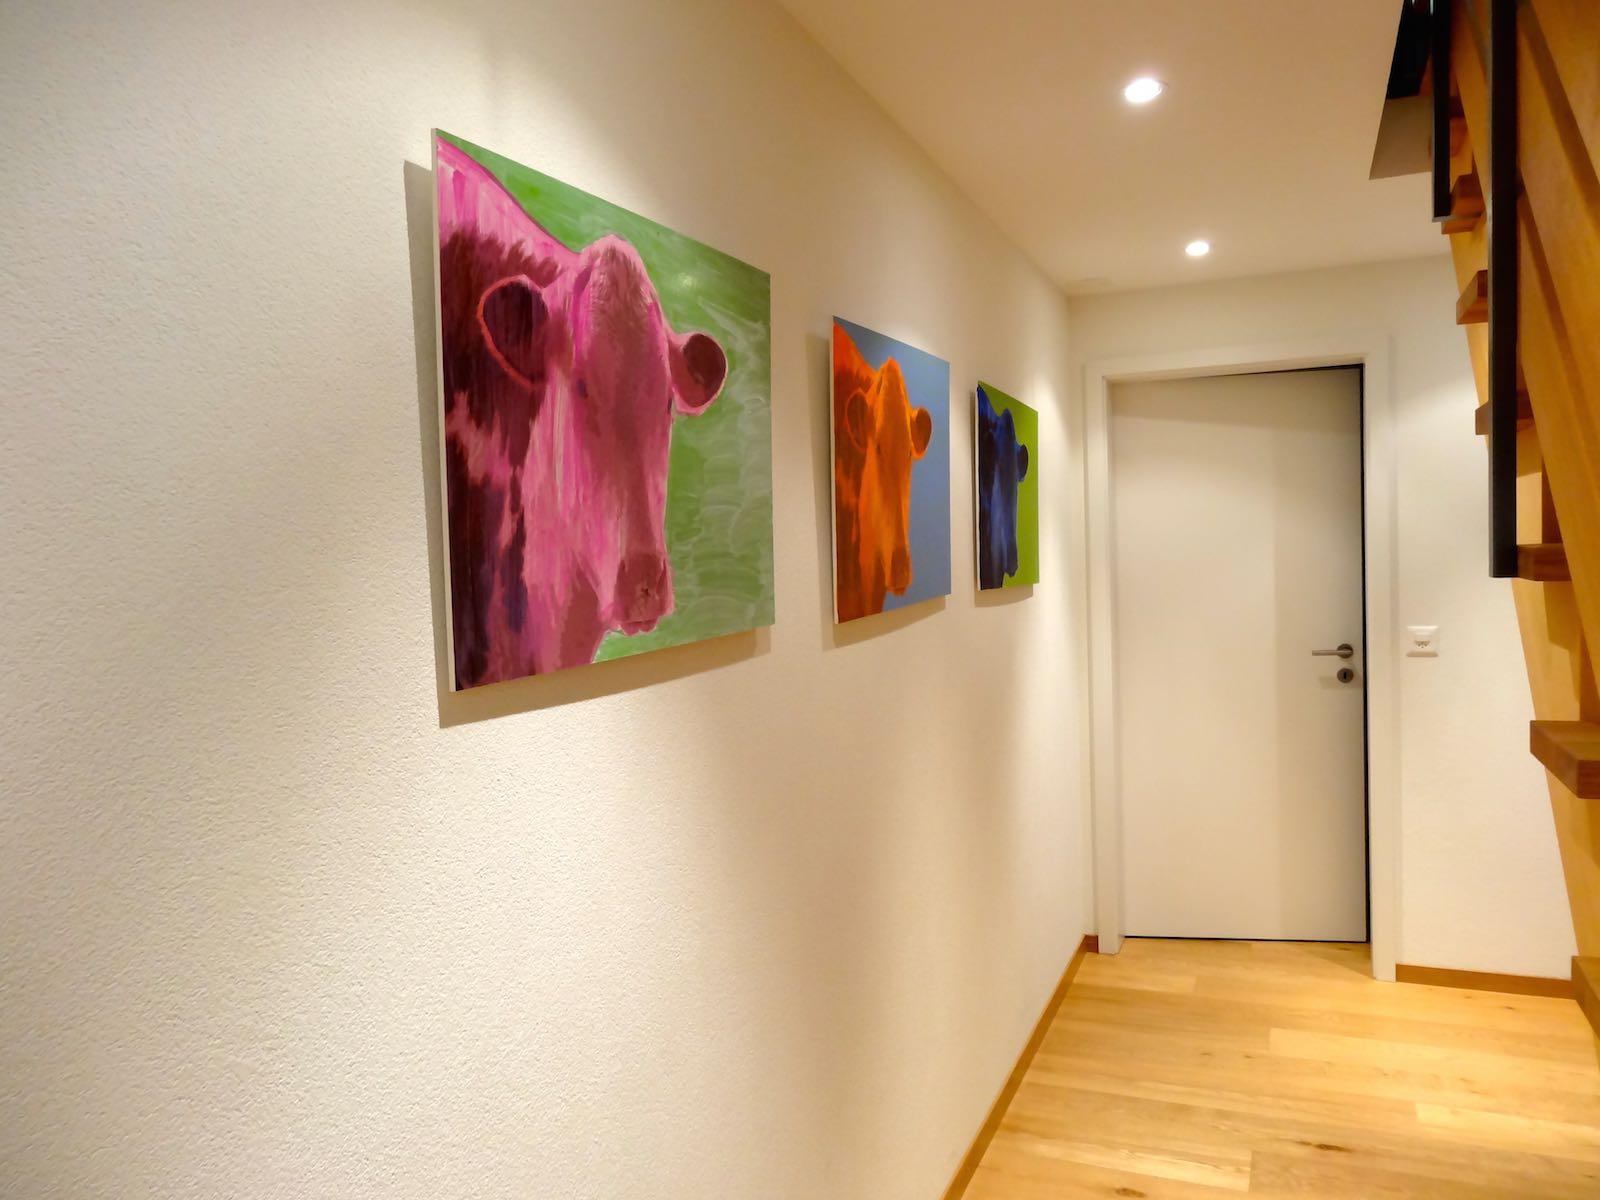 http://hoteljungfrau.ch/wp-content/uploads/2014/11/jungfrau-lodge-14.jpg